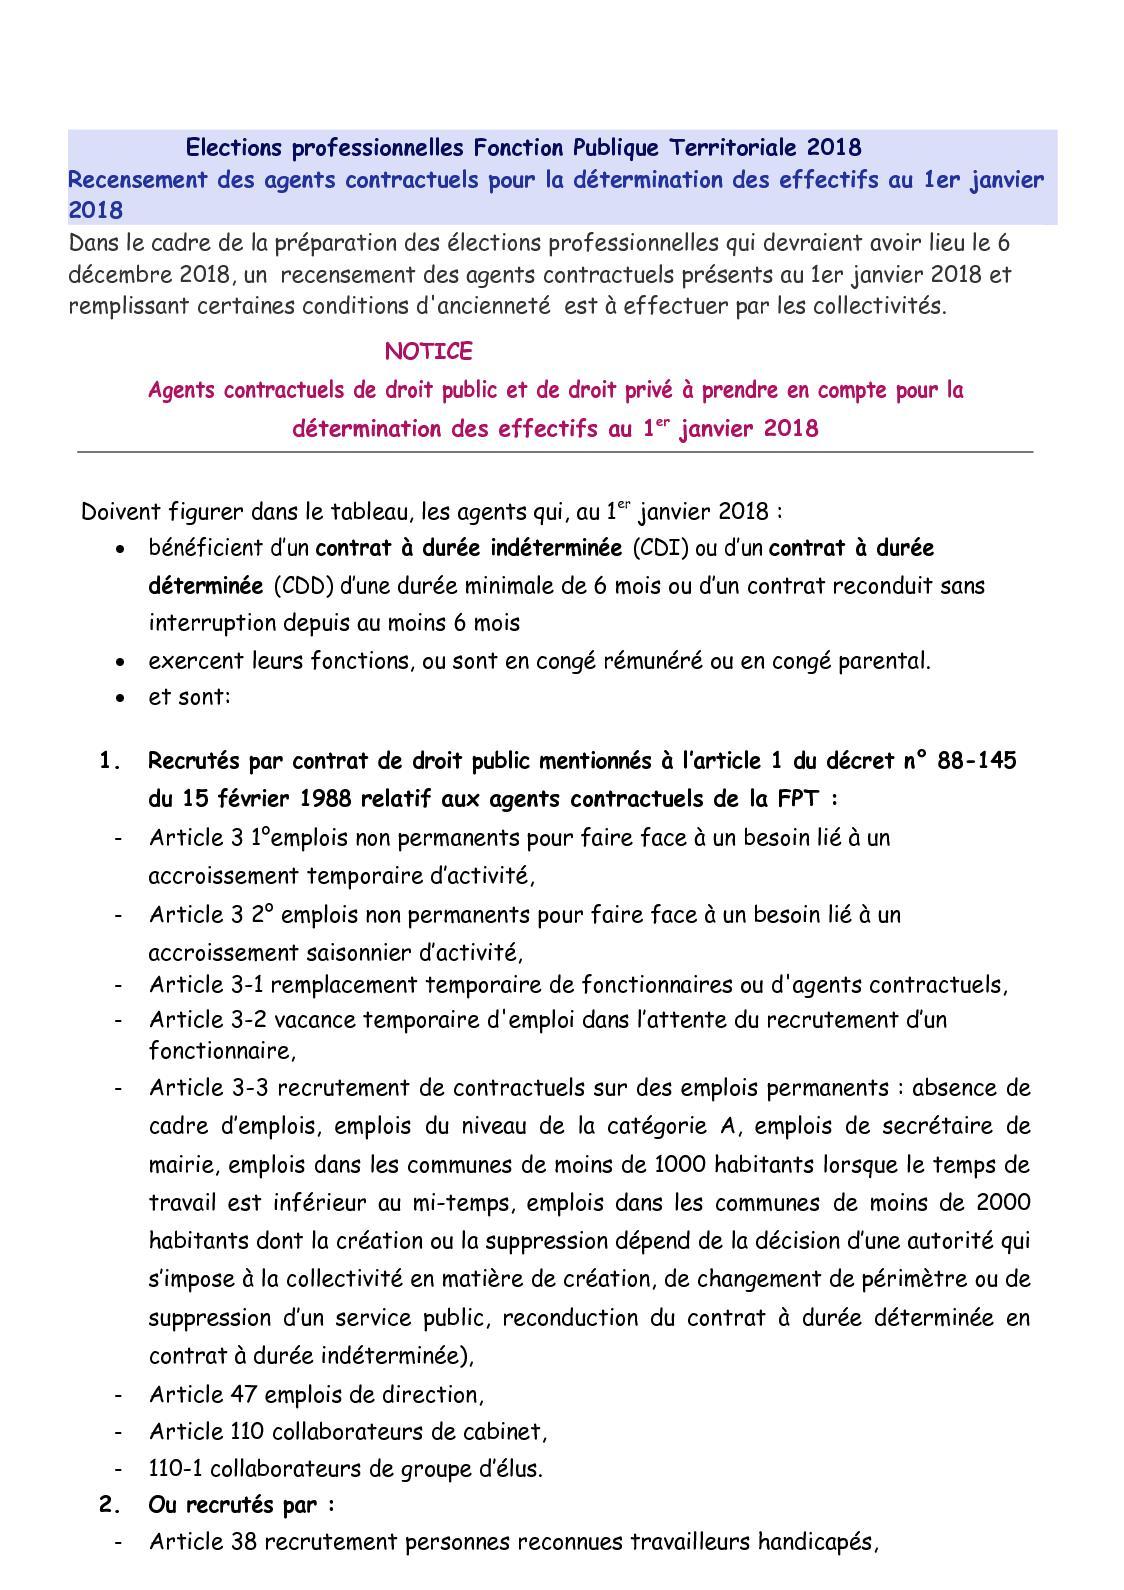 Calameo Notice Recencement Effectifs C Elections Professionnelles